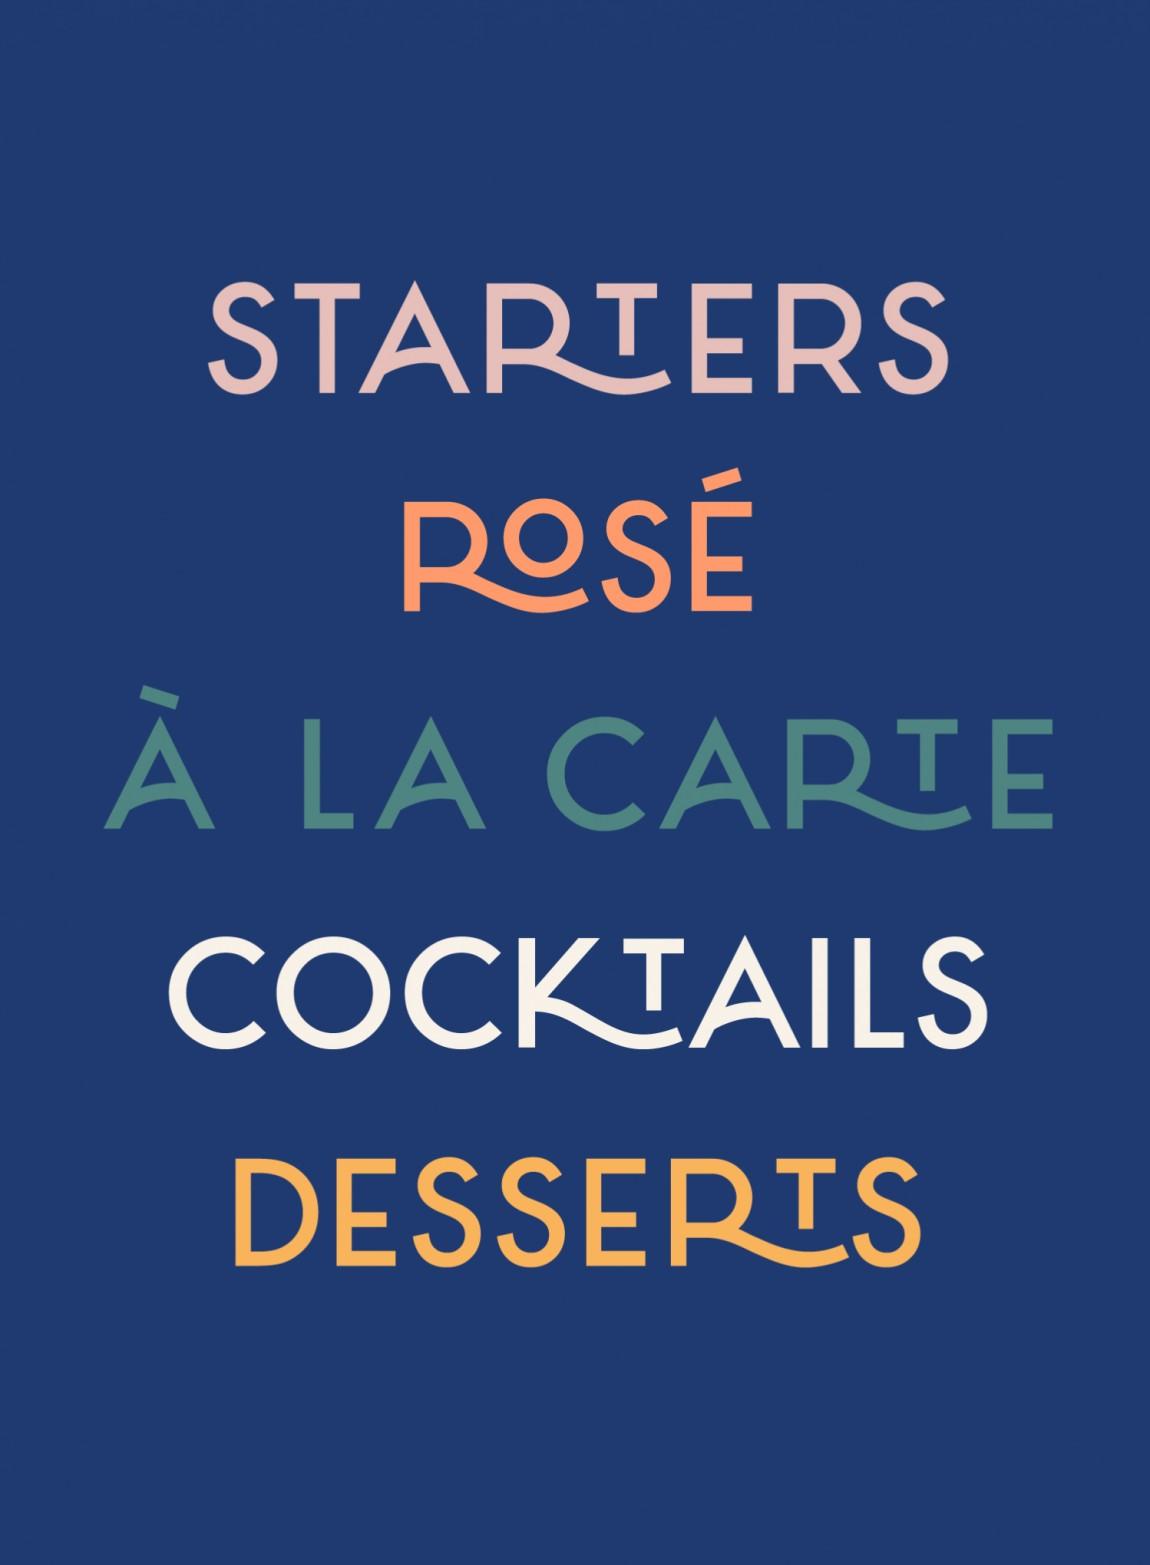 Sardine乡村餐厅餐饮品牌vi设计,字体设计